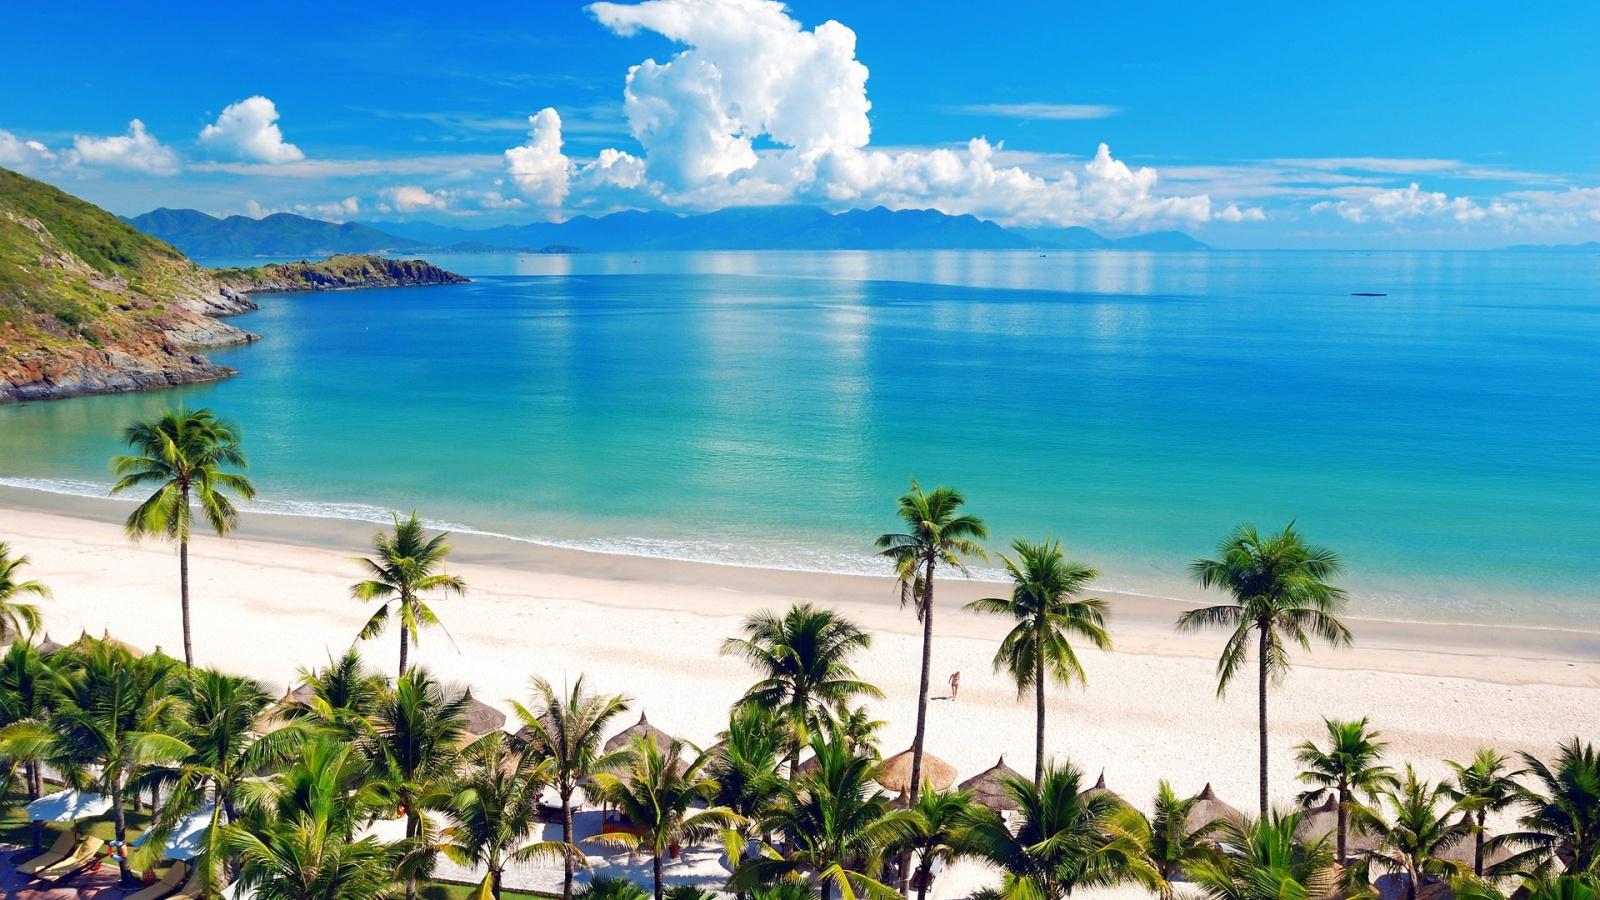 Особенности пляжного отдыха во Вьетнаме: какой курорт выбрать